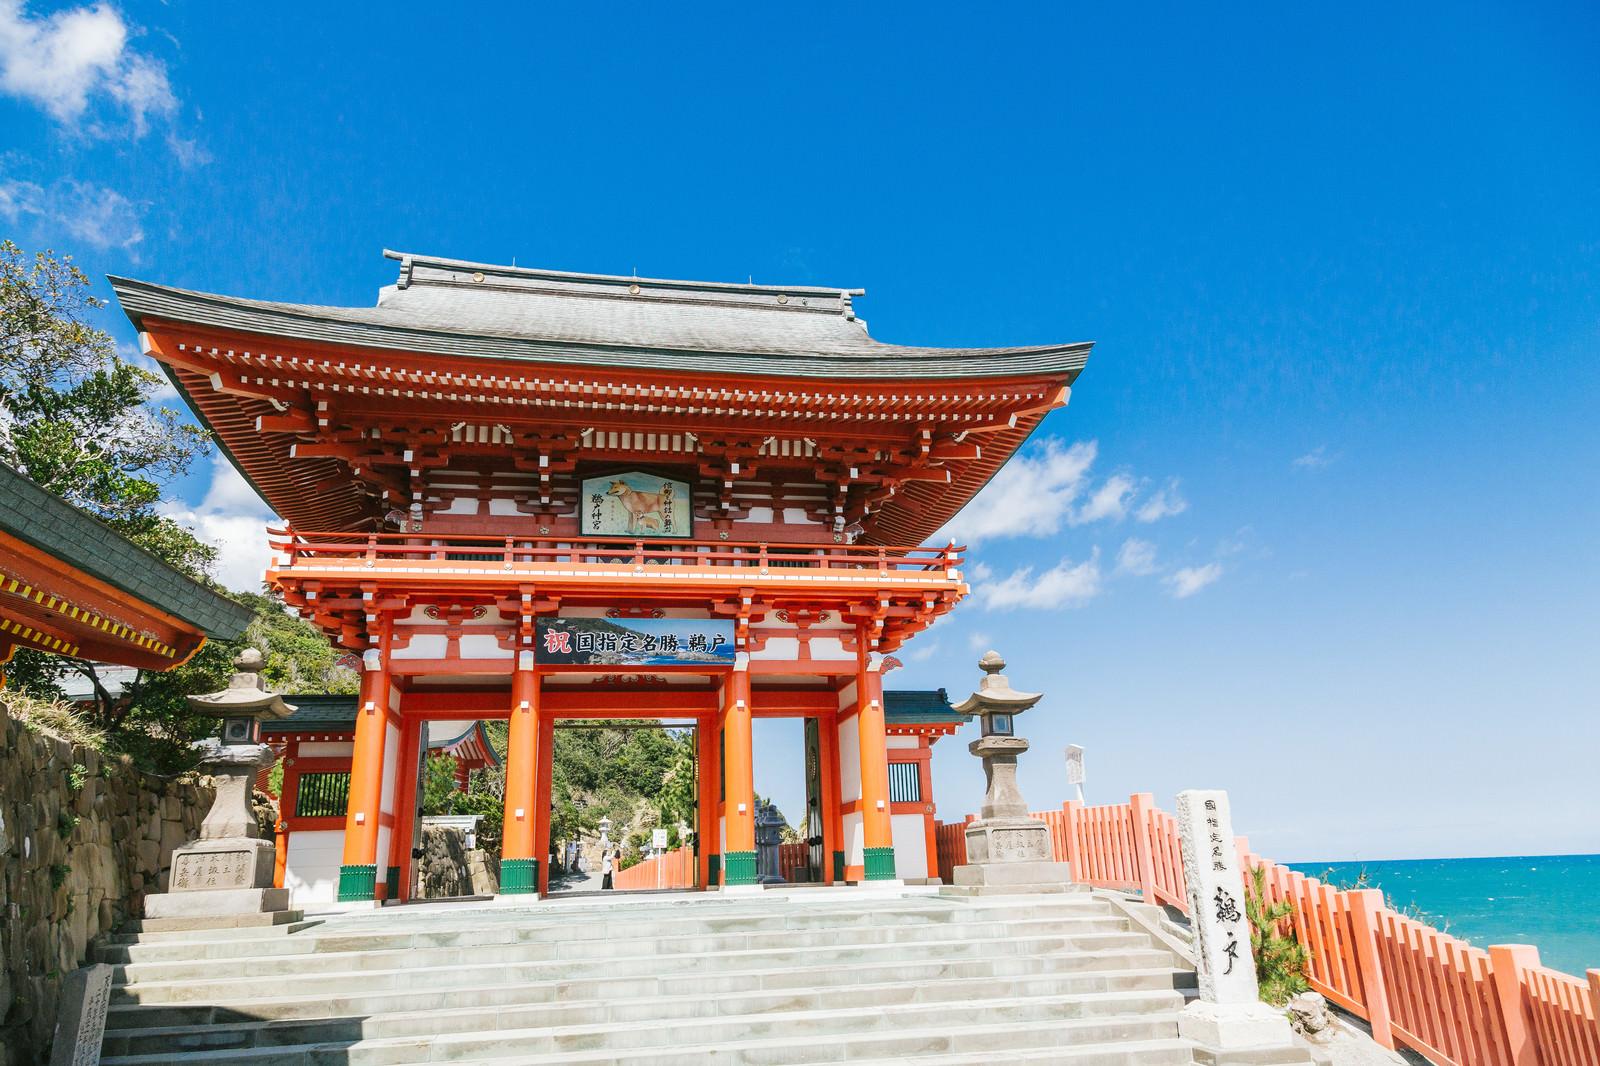 「鵜戸神宮の楼門 | 写真の無料素材・フリー素材 - ぱくたそ」の写真